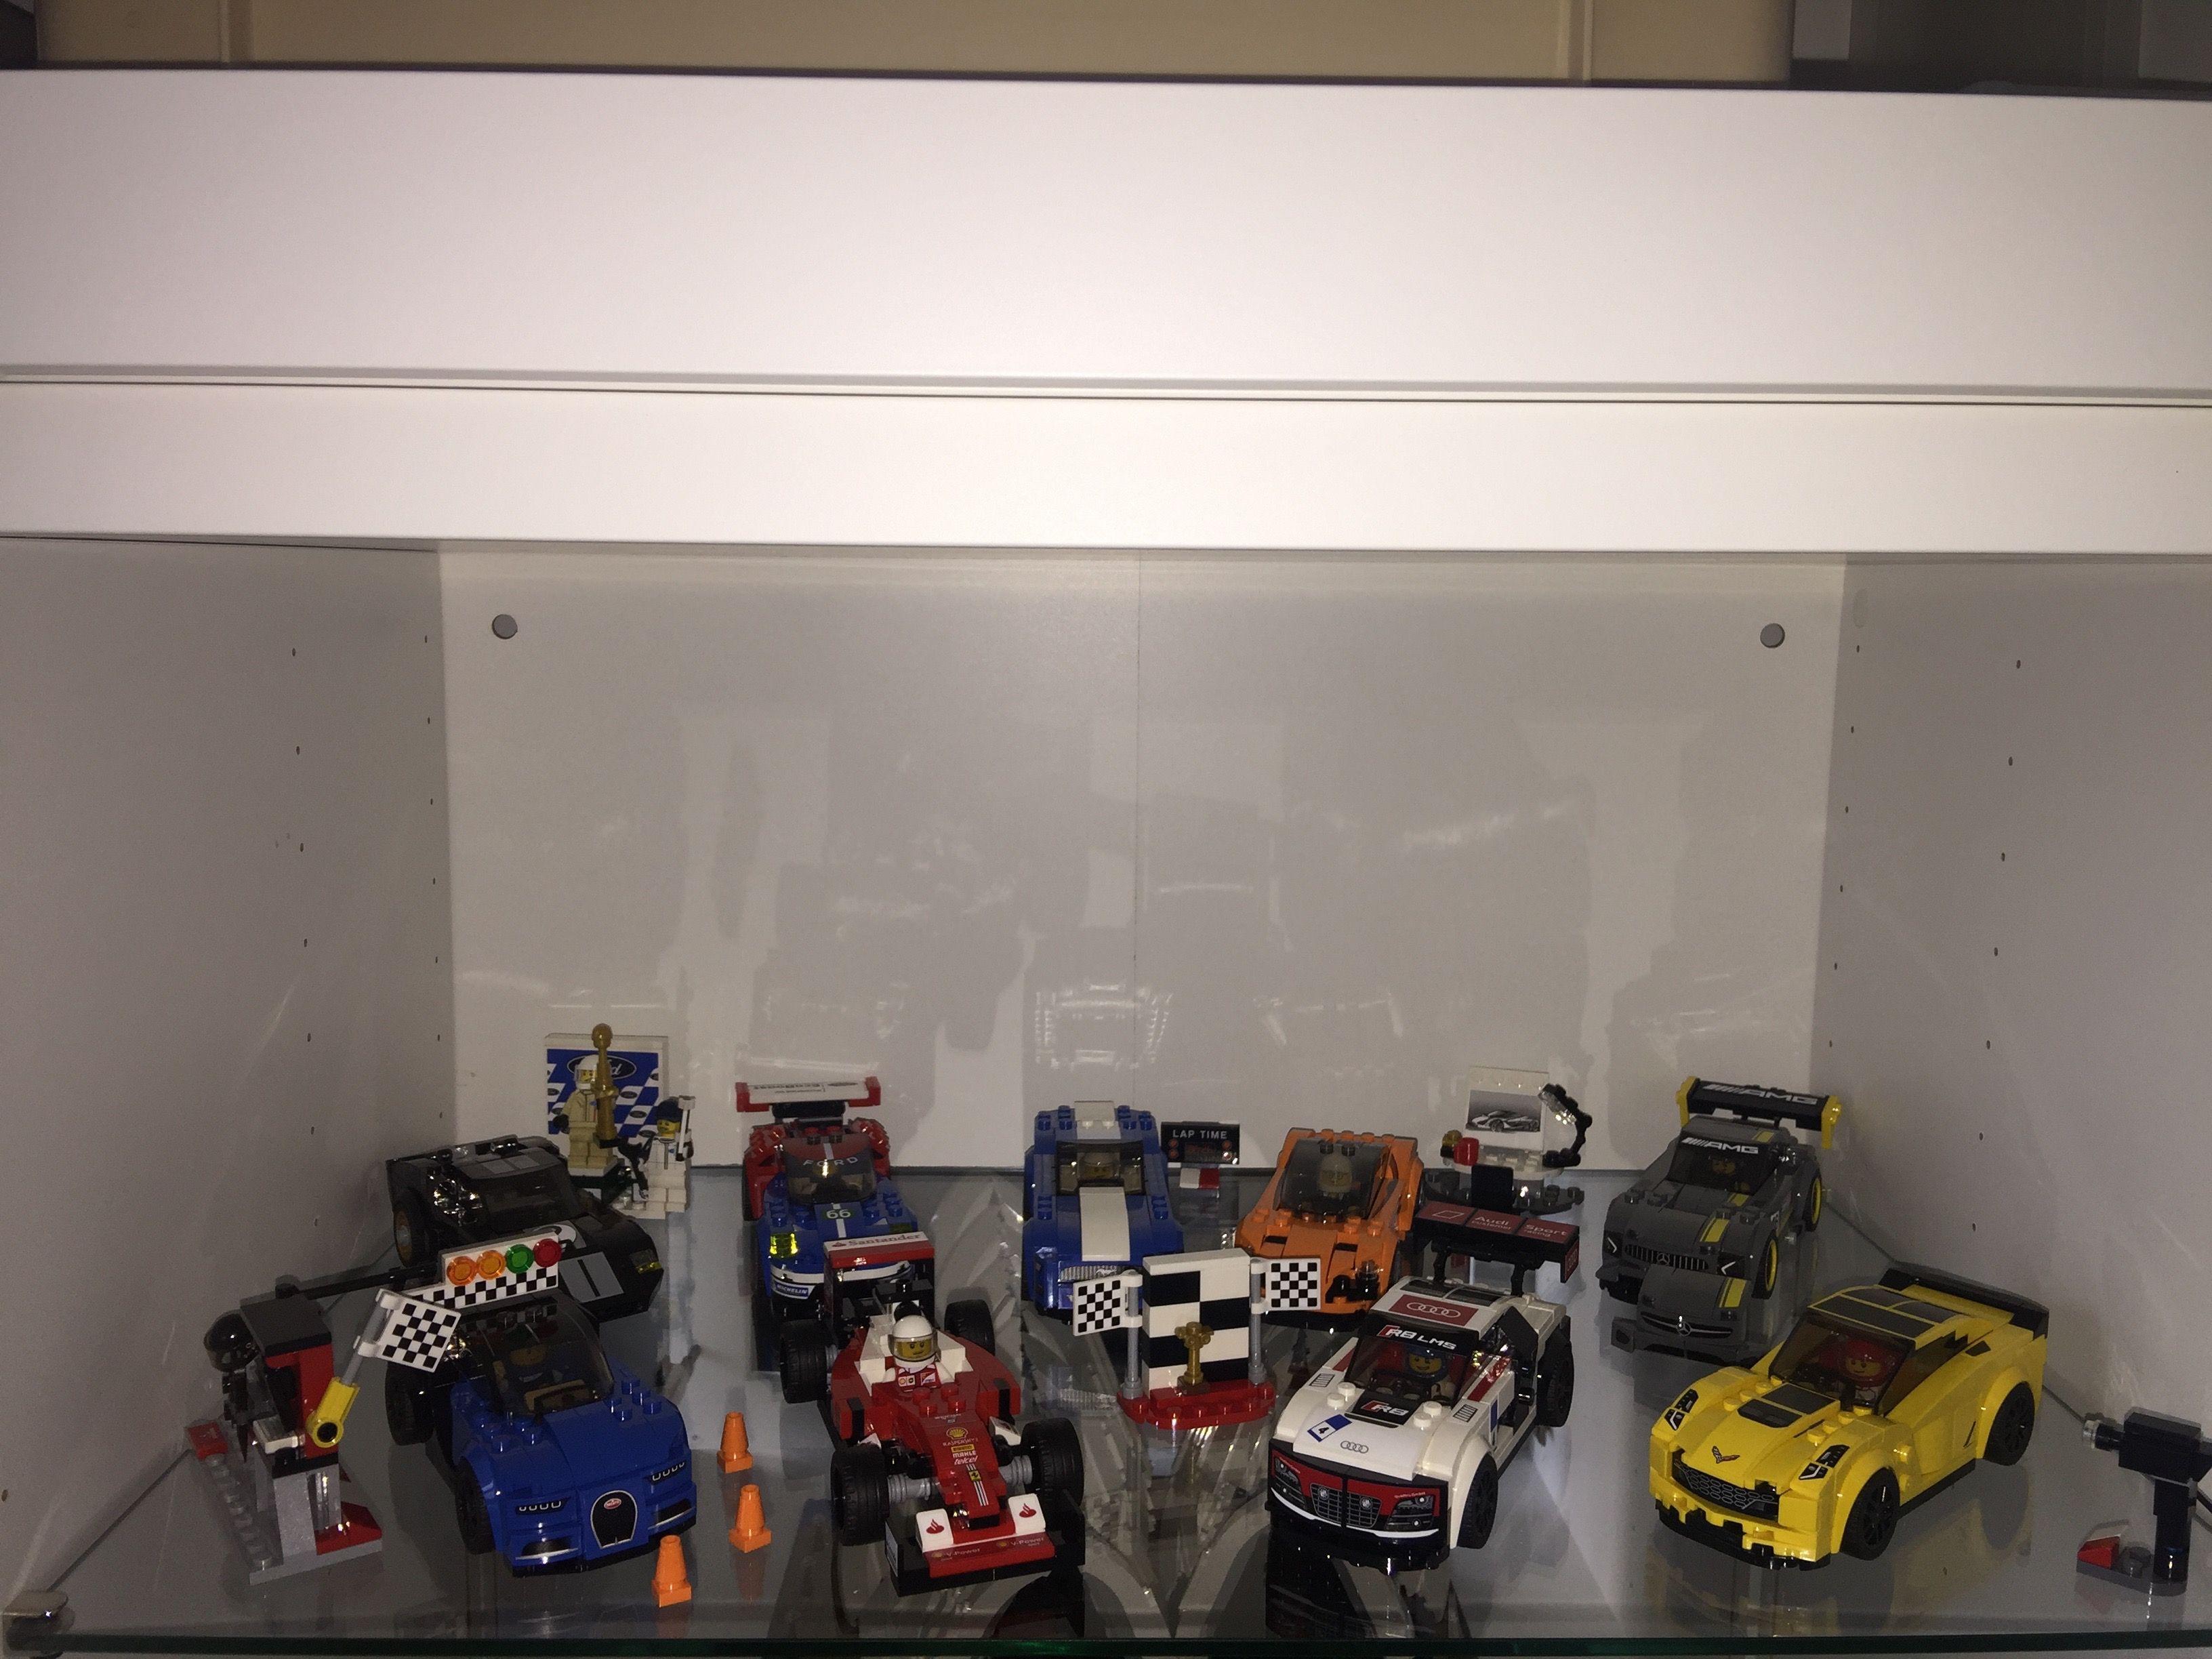 49a68b2c6cda246725f539e95e65d913 Mesmerizing Porsche 918 Spyder Lego Review Cars Trend